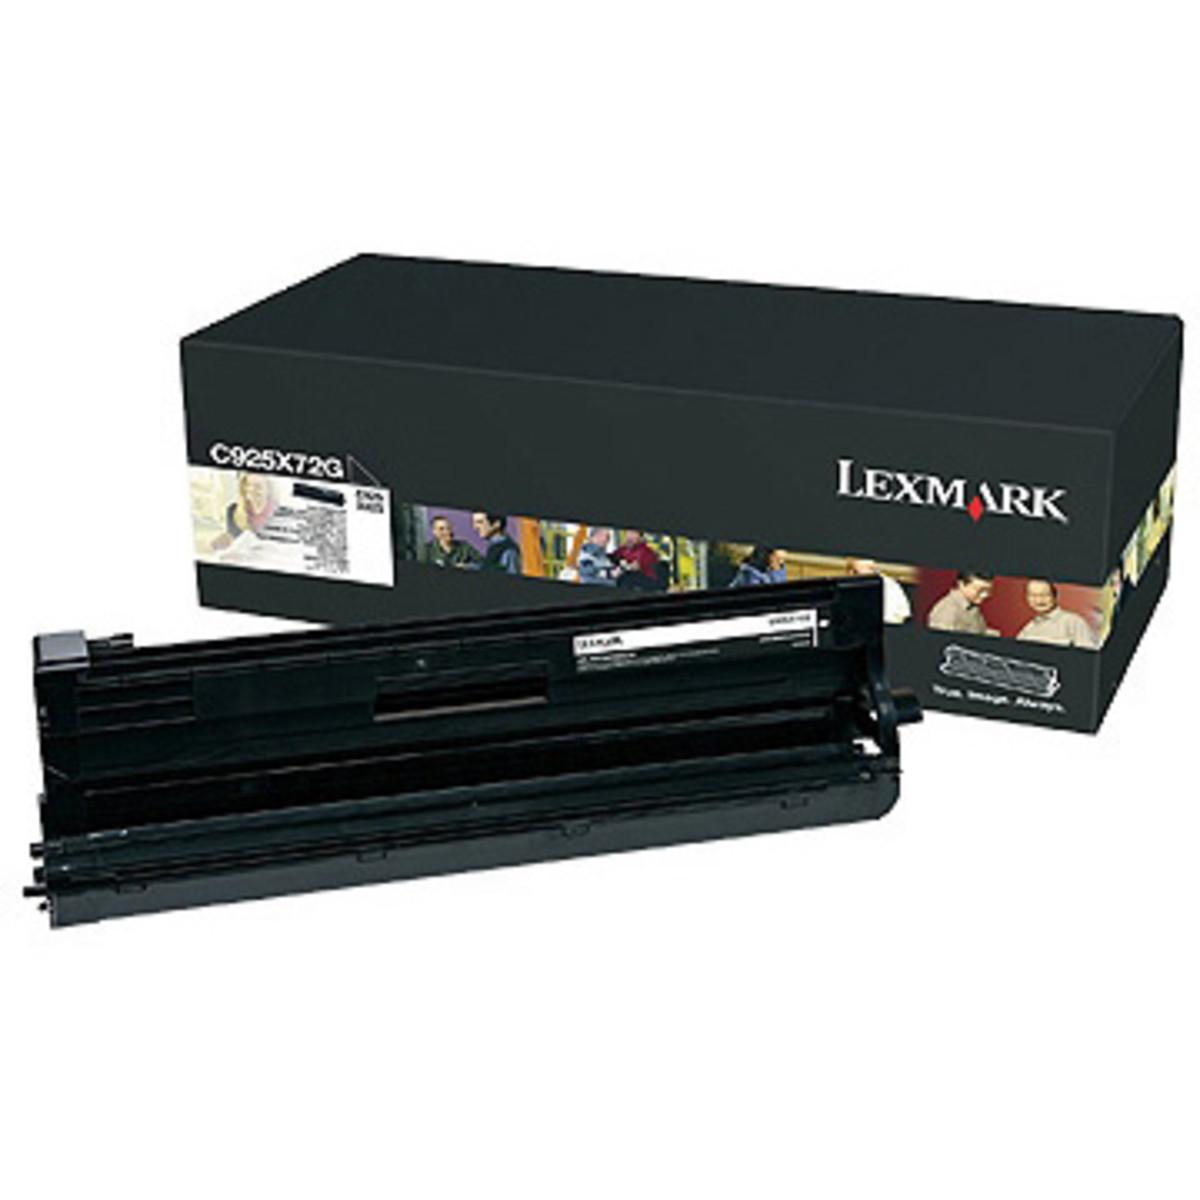 Lexmark C925X72G Black Drum Unit